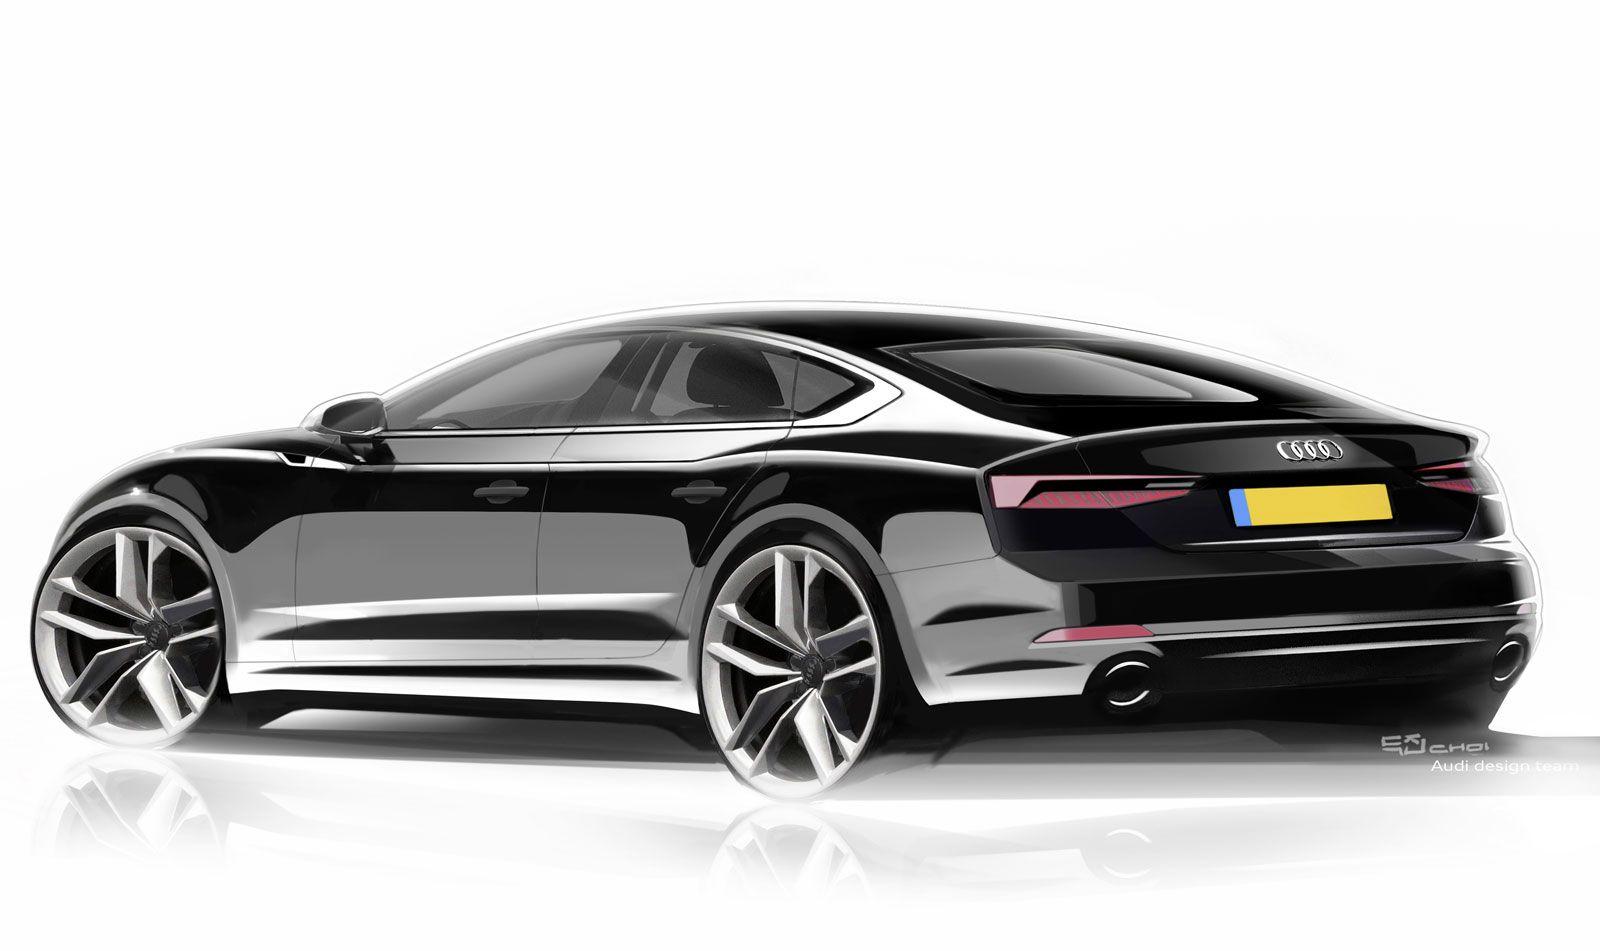 Audi-A5-Sportback-Design-Sketch-Render-03.jpg (1600×951 ...